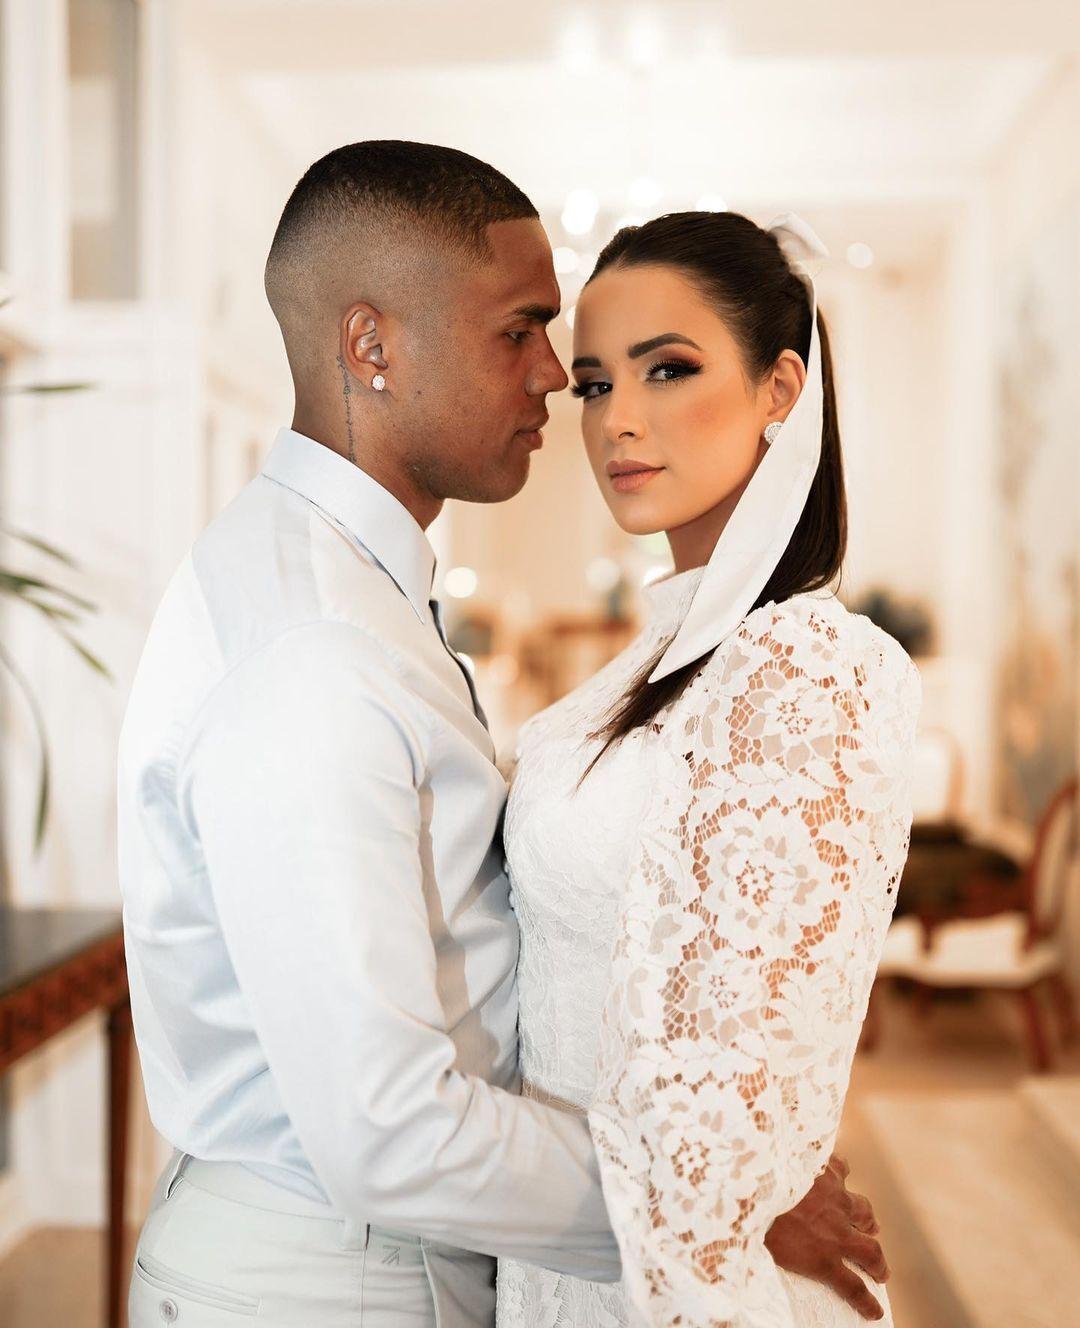 Наталія Фелікс і Дуглас Коста на весіллі